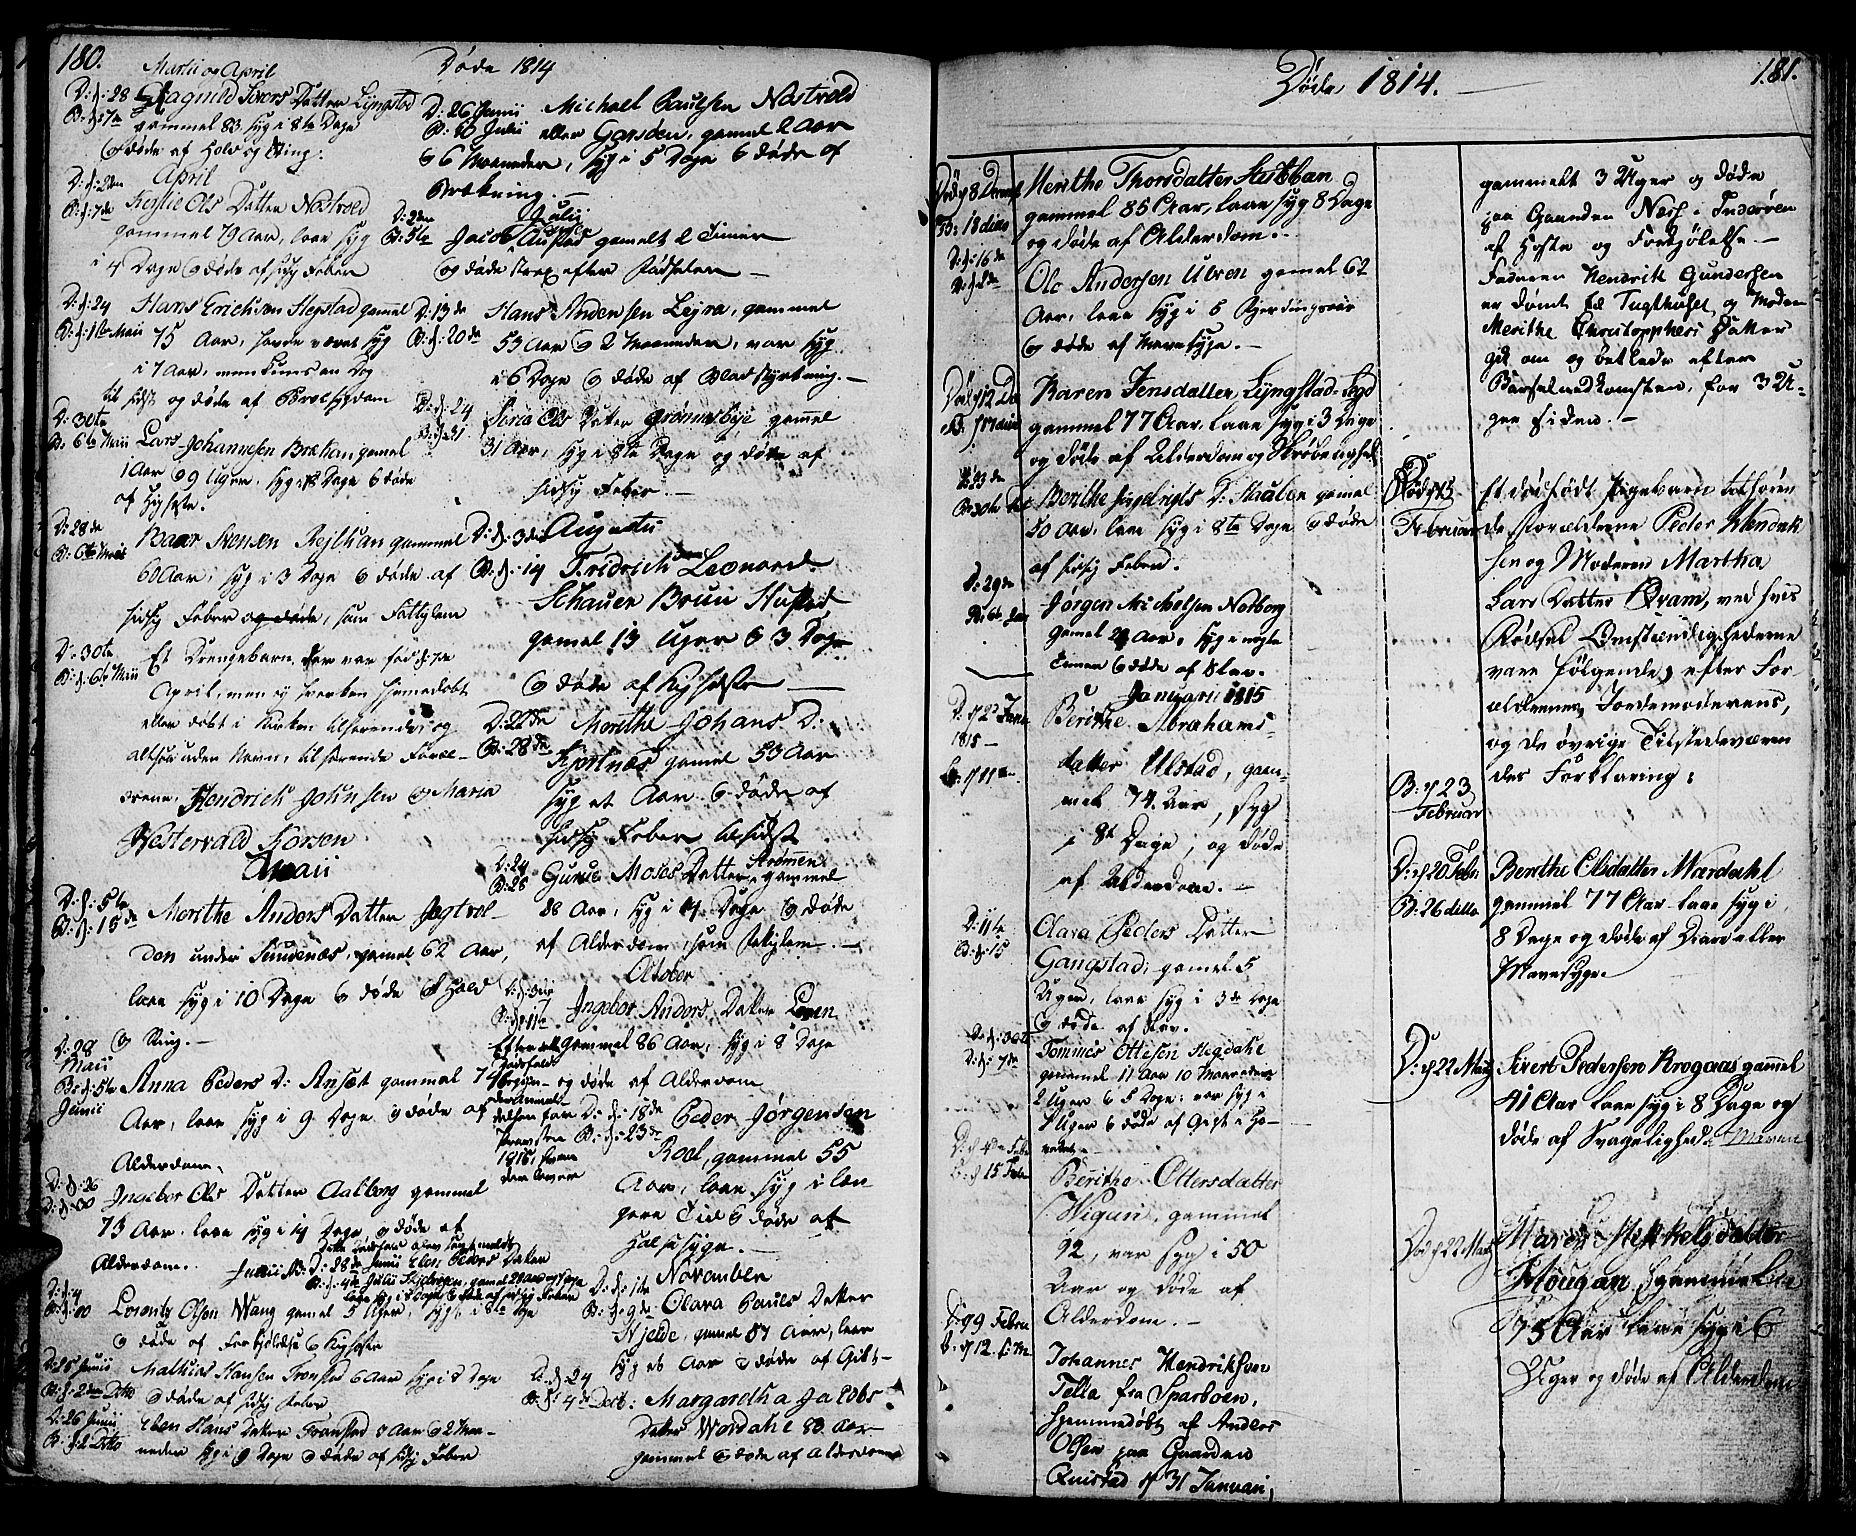 SAT, Ministerialprotokoller, klokkerbøker og fødselsregistre - Nord-Trøndelag, 730/L0274: Ministerialbok nr. 730A03, 1802-1816, s. 180-181